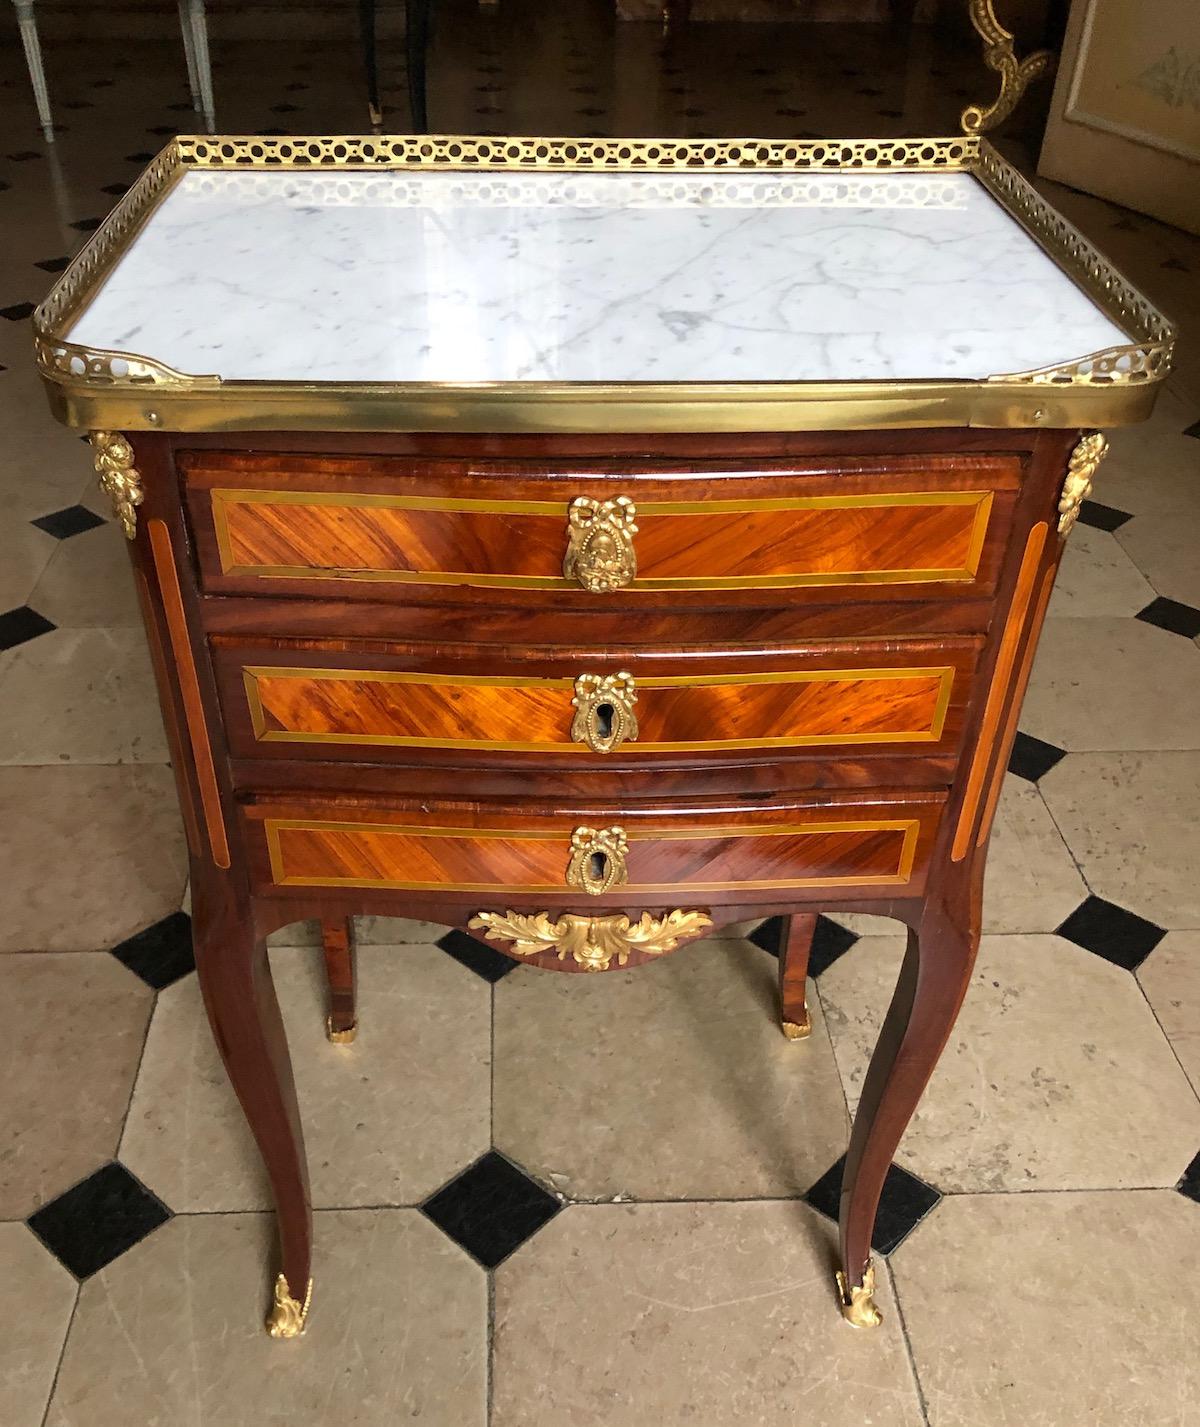 Petite table estampillée de J.Birckle